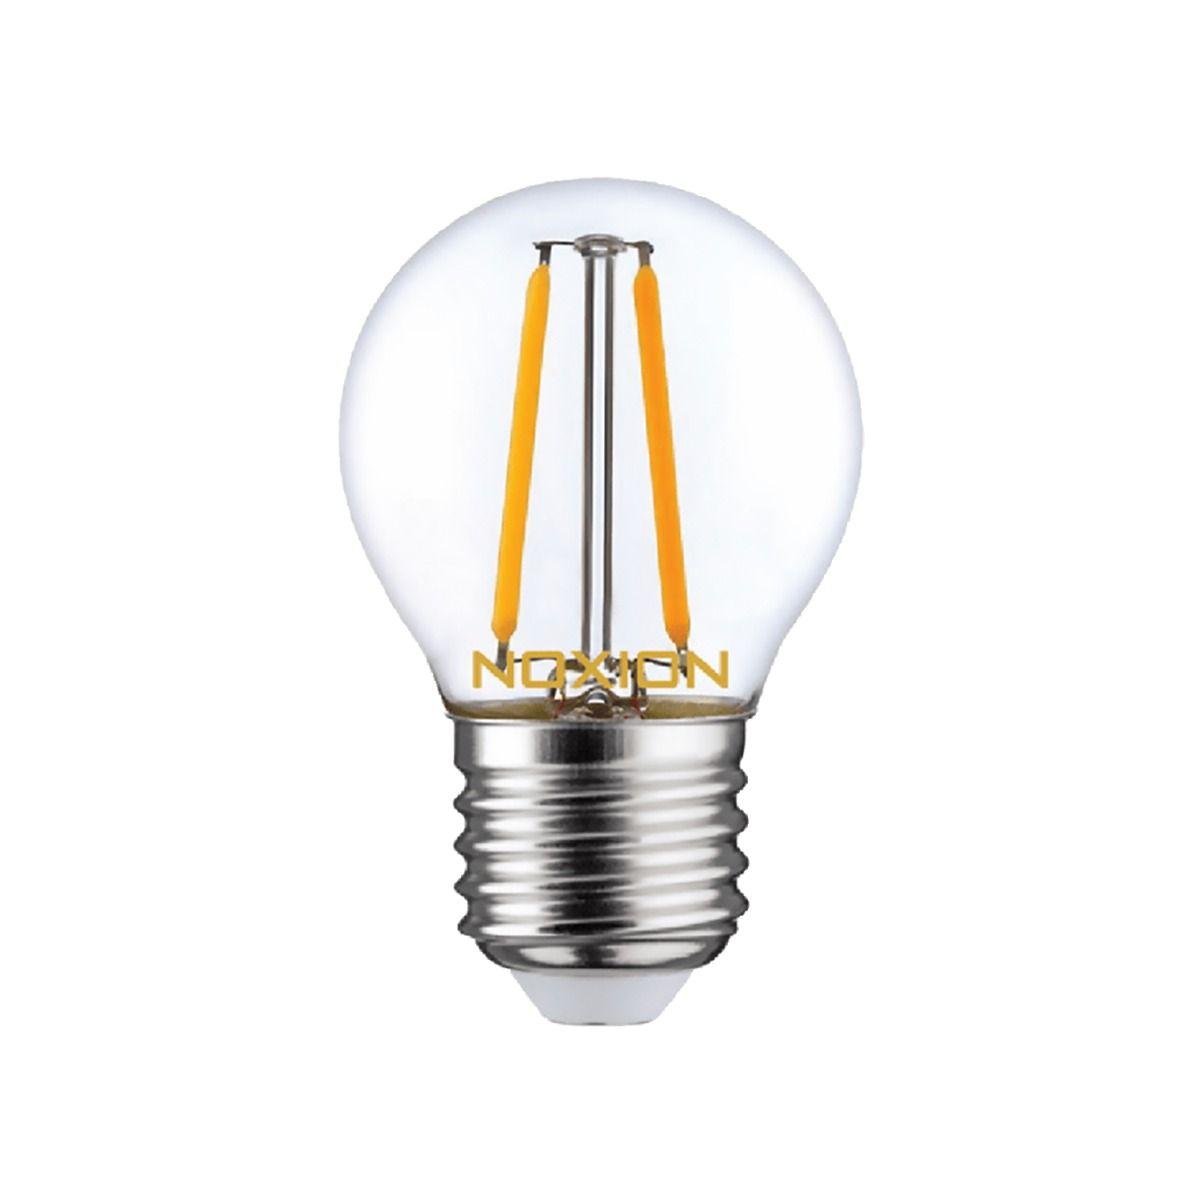 Noxion Lucent LED Lustre E27 2.6W 827 filament   ekstra varm hvit - erstatter 25W